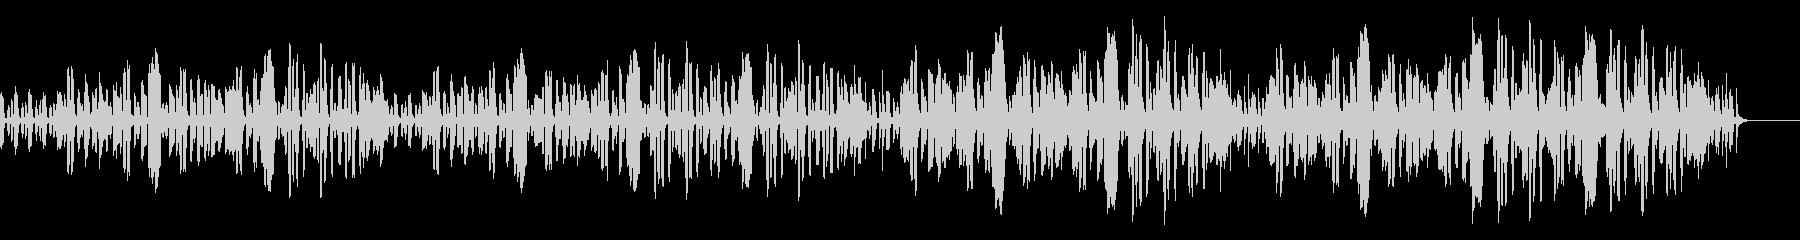 リコーダーとファゴットのコミカルなBGMの未再生の波形